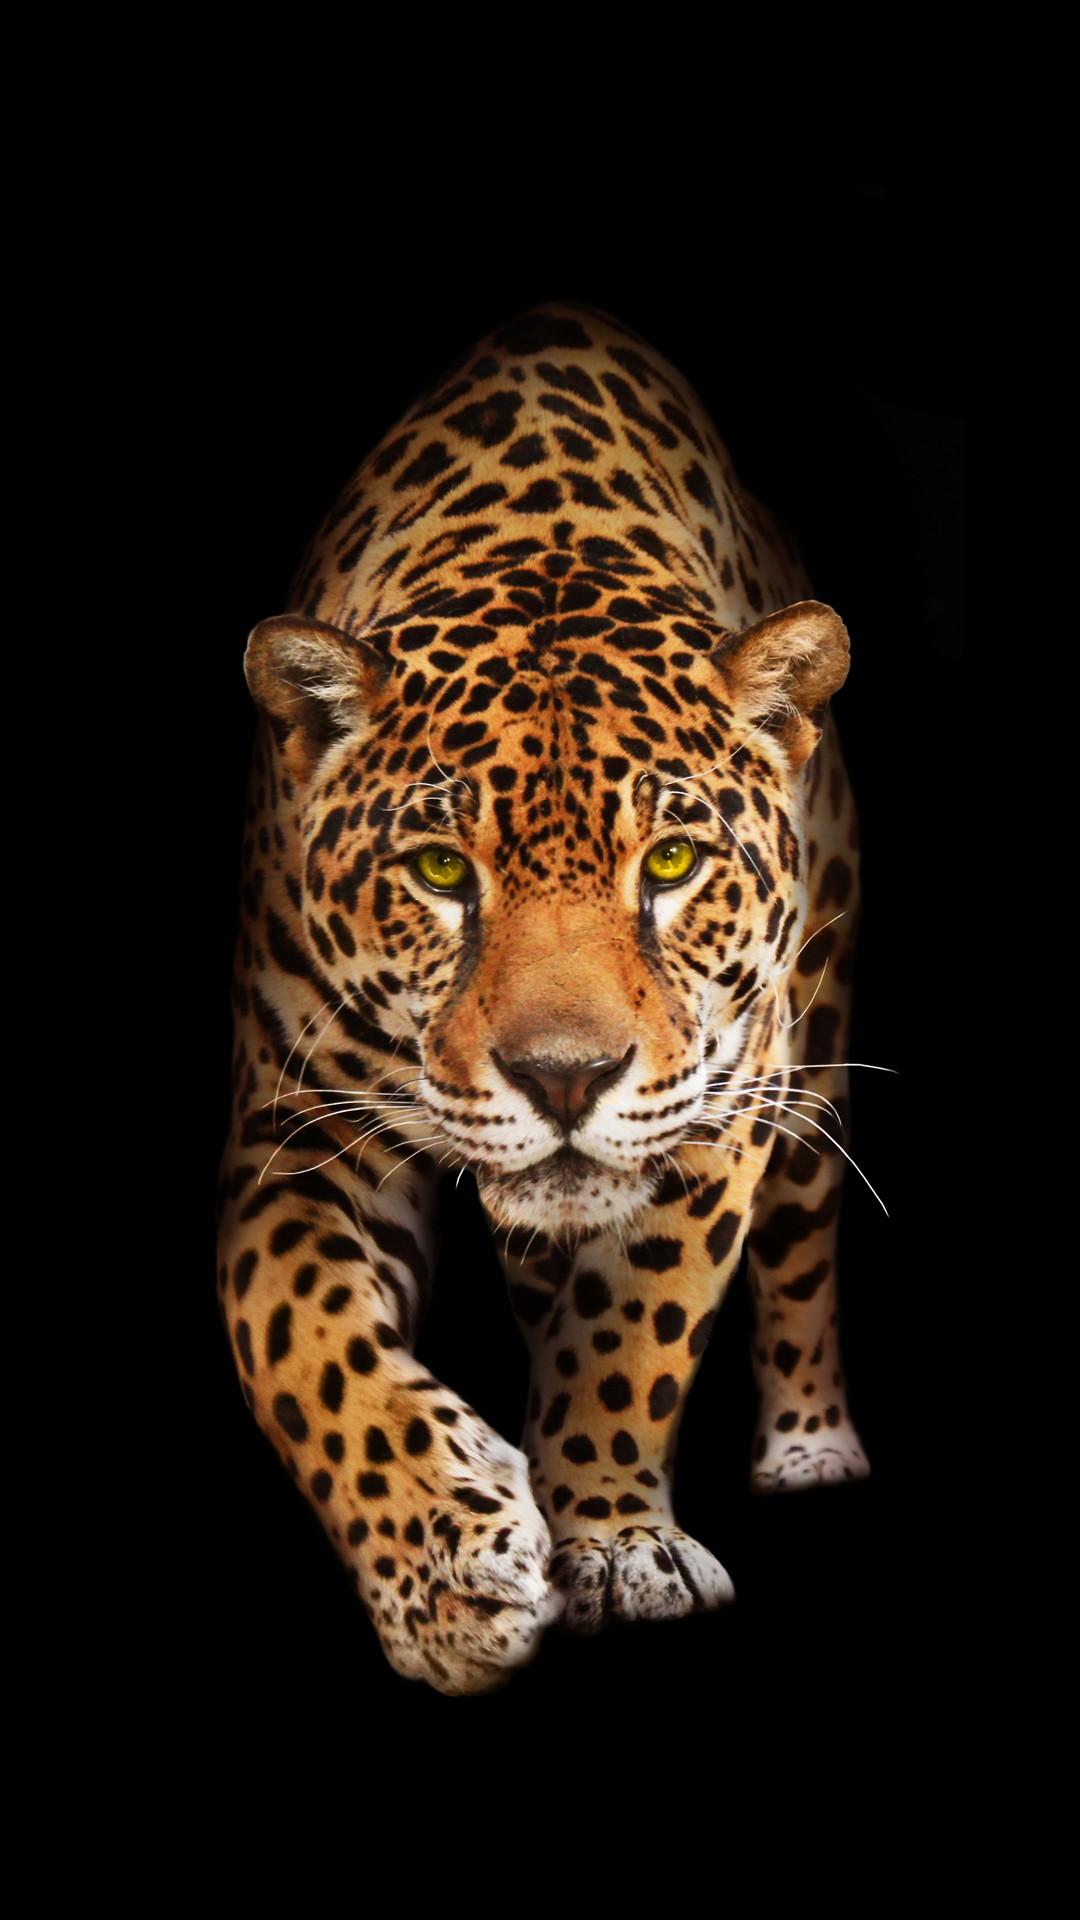 jaguar iphone wallpaper,terrestrial animal,mammal,vertebrate,wildlife,jaguar